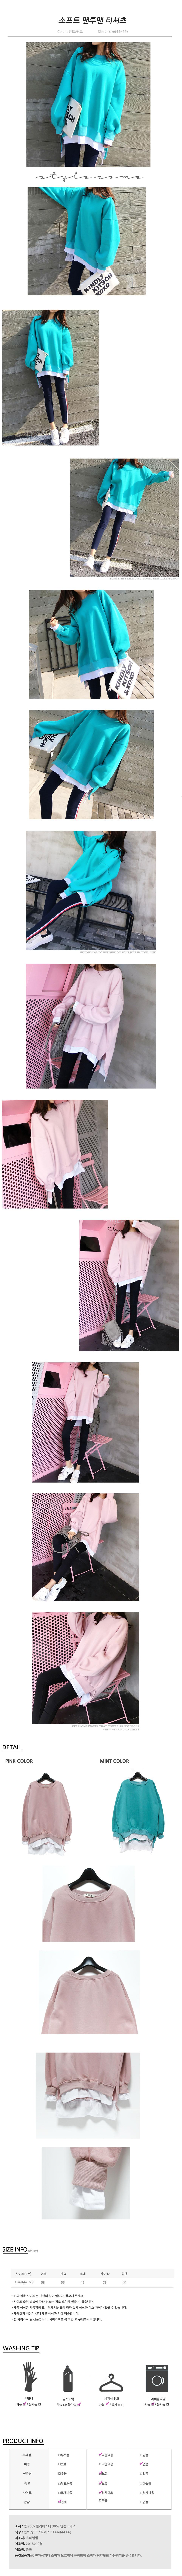 소프트 맨투맨 셔츠 - 스타일썸, 19,900원, 상의, 맨투맨/후드티